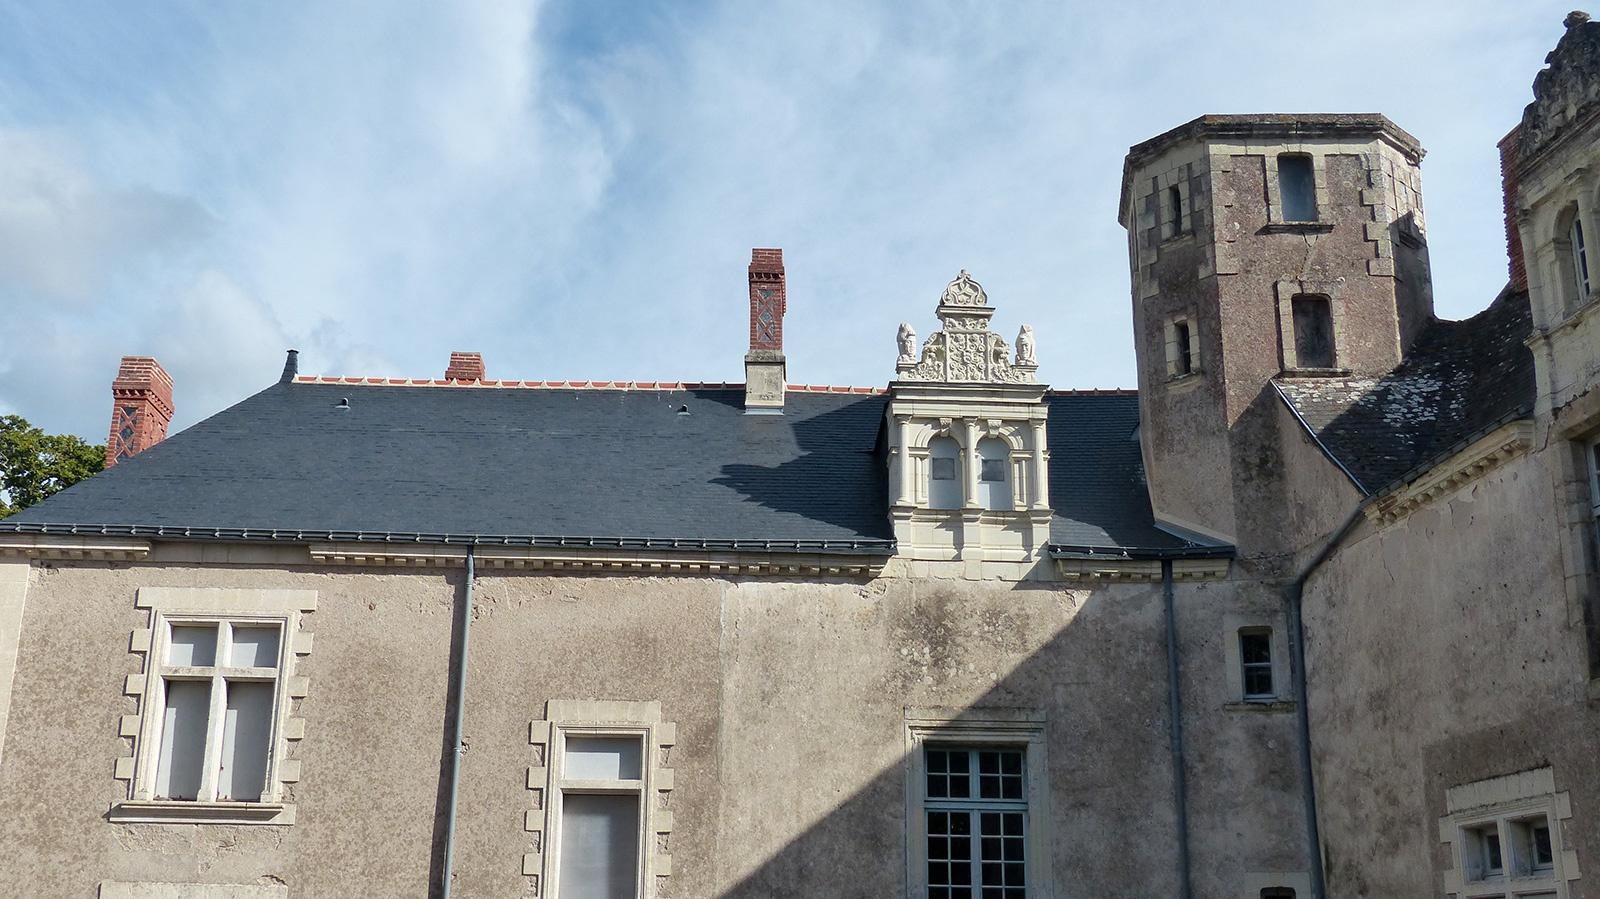 architecture-arpe-association-renaissance-patrimoine-escurays-chateau-prinquiau-loire-atlantique-5